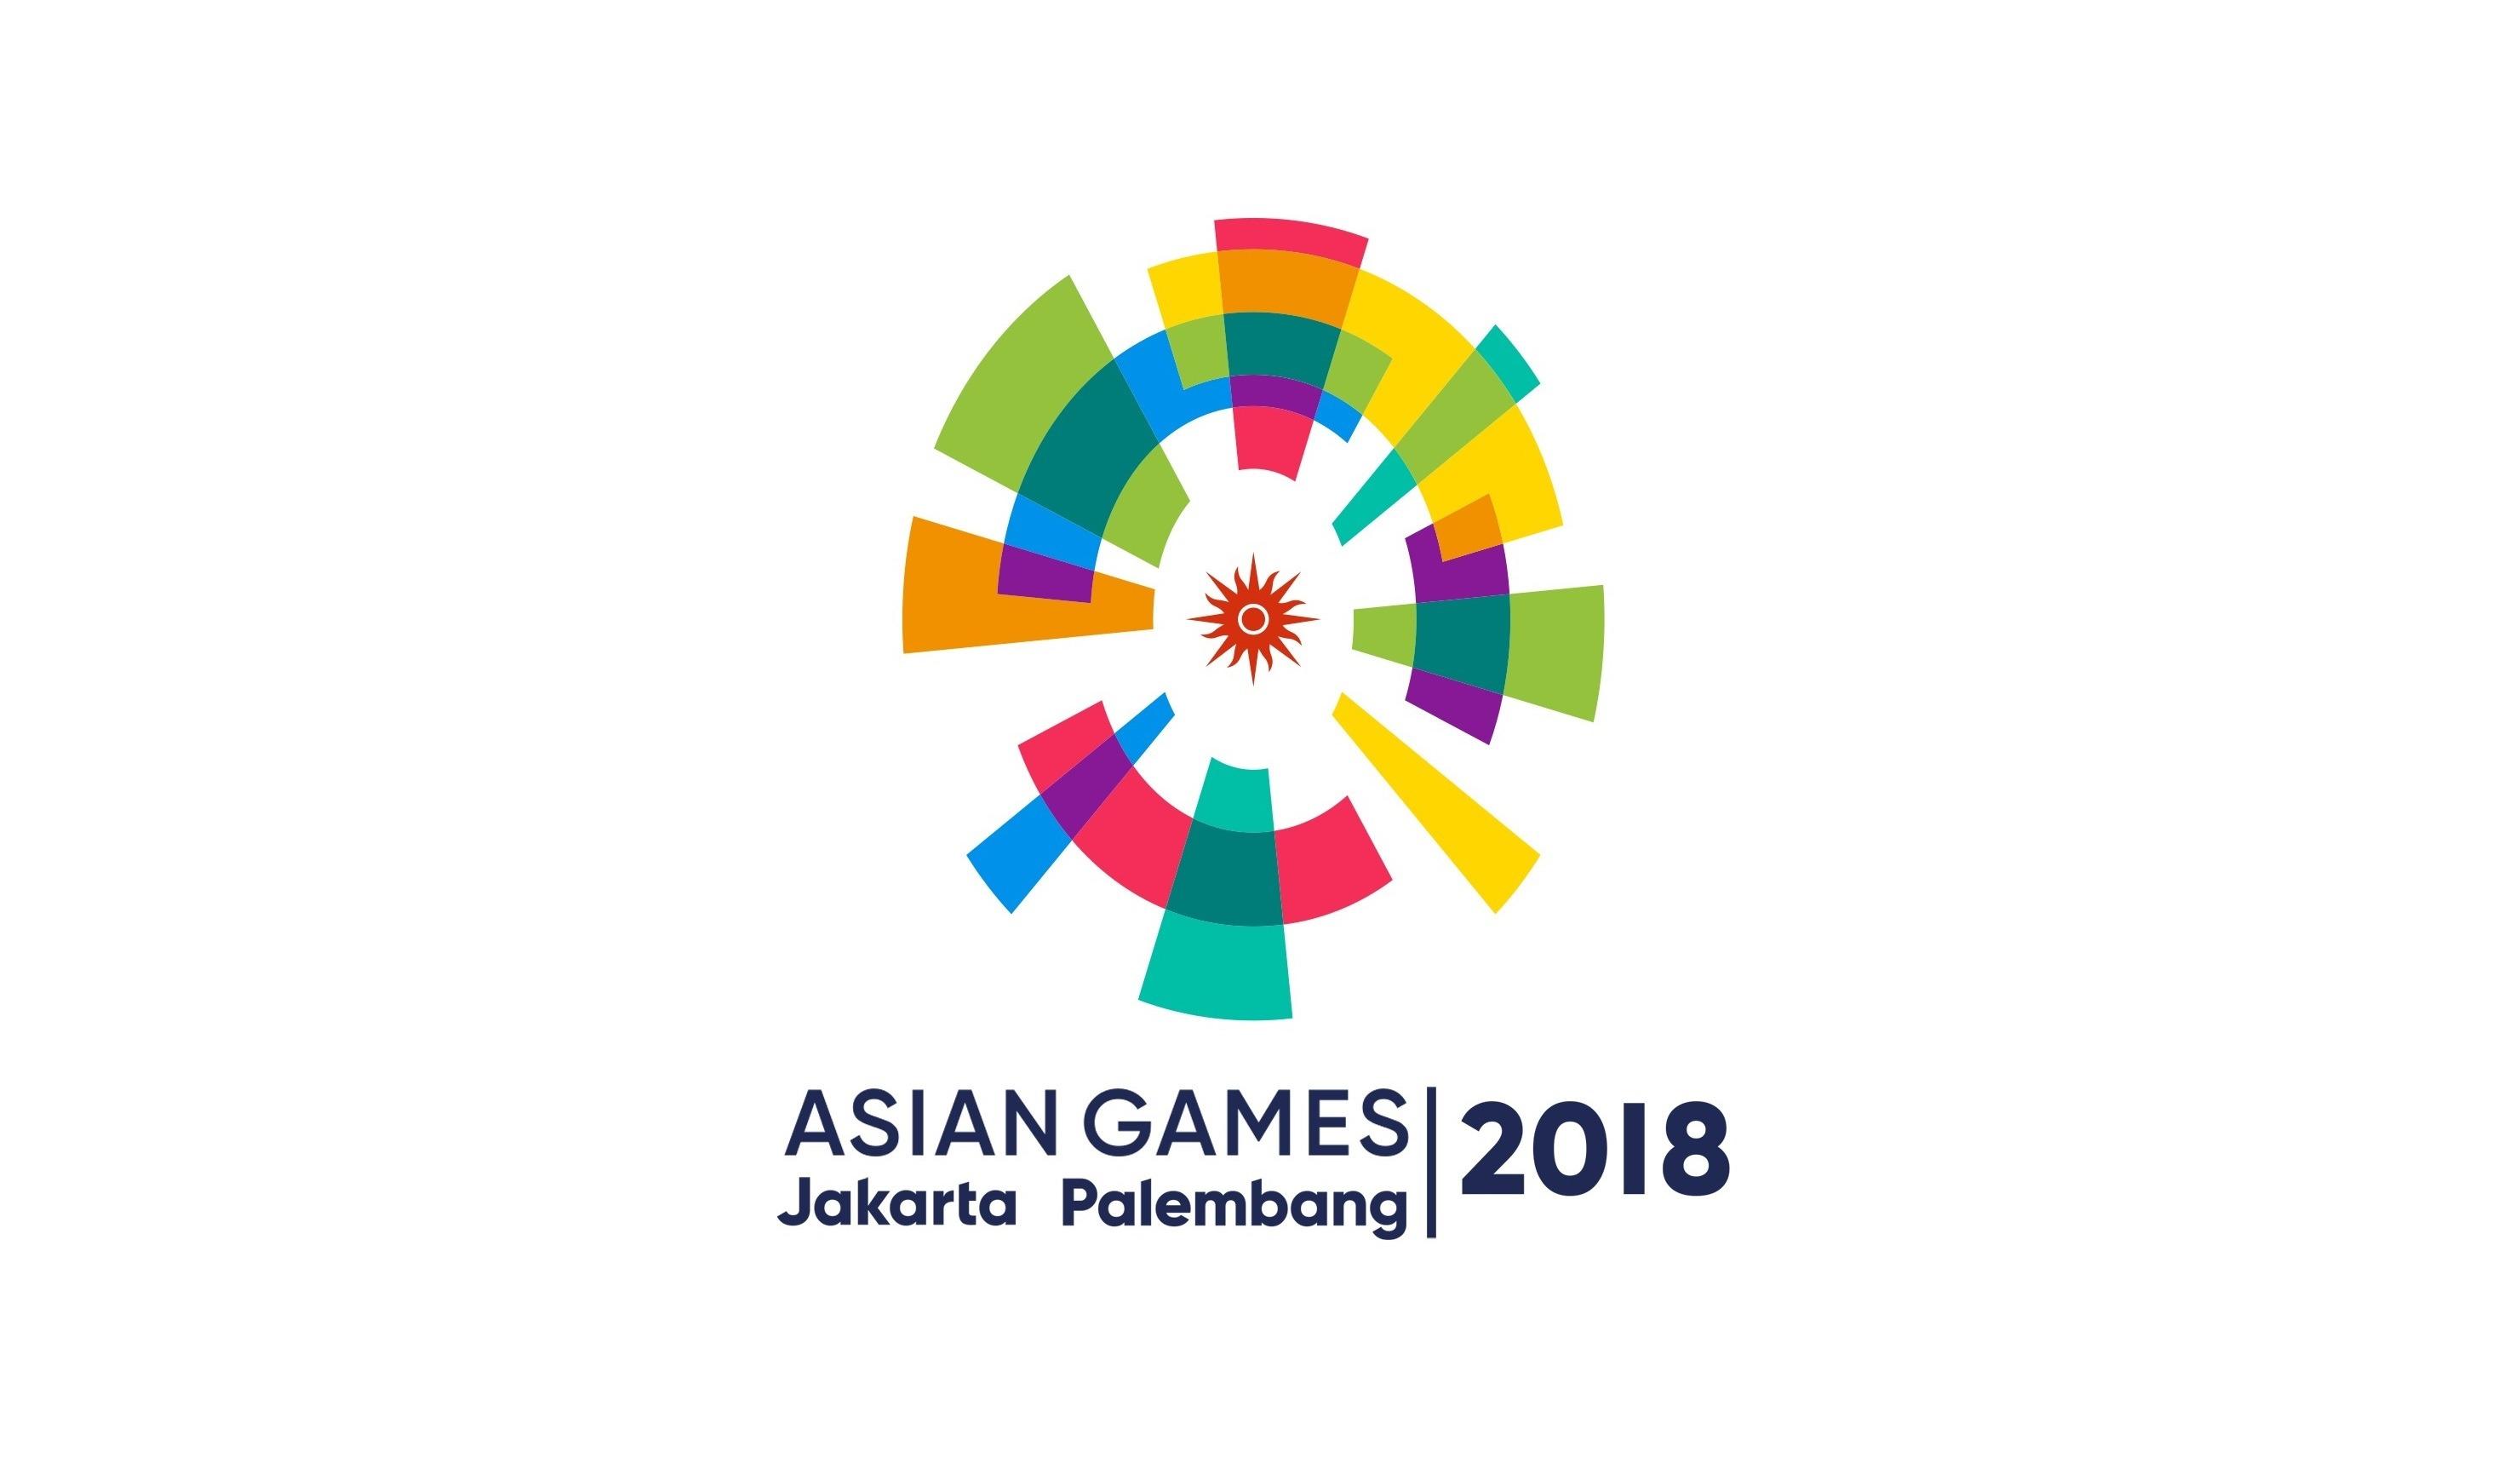 Name: Logo-Icon-Maskot-Asian-Games-2018-Palembang-Jakarta-Indonesia-2.jpg Views: 102 Size: 145.2 KB